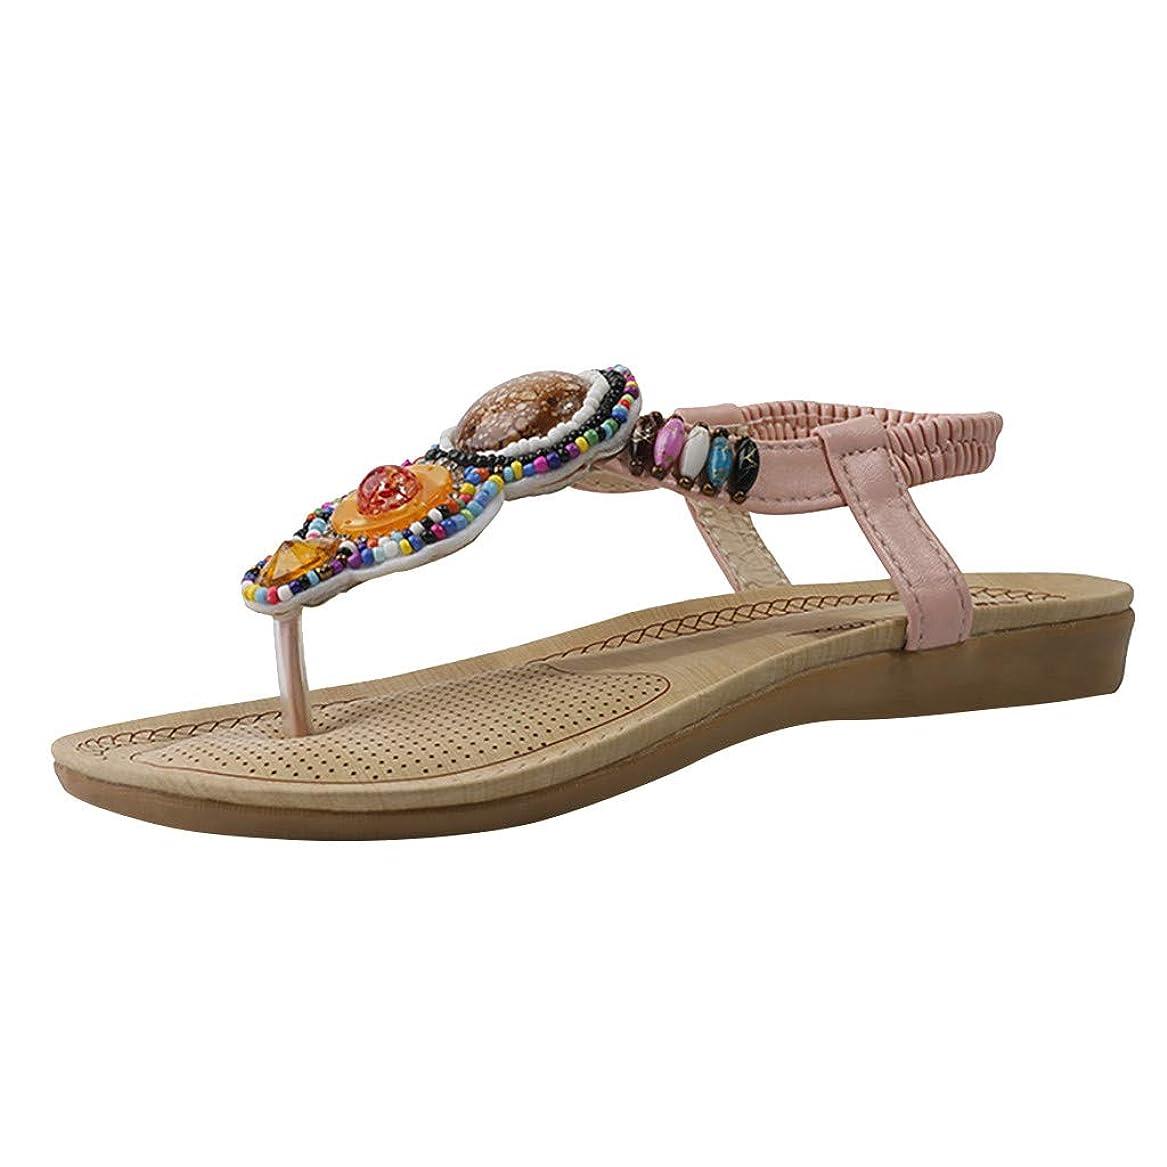 バックグラウンド敬な穿孔するビーチサンダル Foreted ぺったん ストラップ 歩きやすい 通気性 夏 靴 ファッション フラットパンプス 疲れにくい 足涼しげ ボヘミアンテイスト